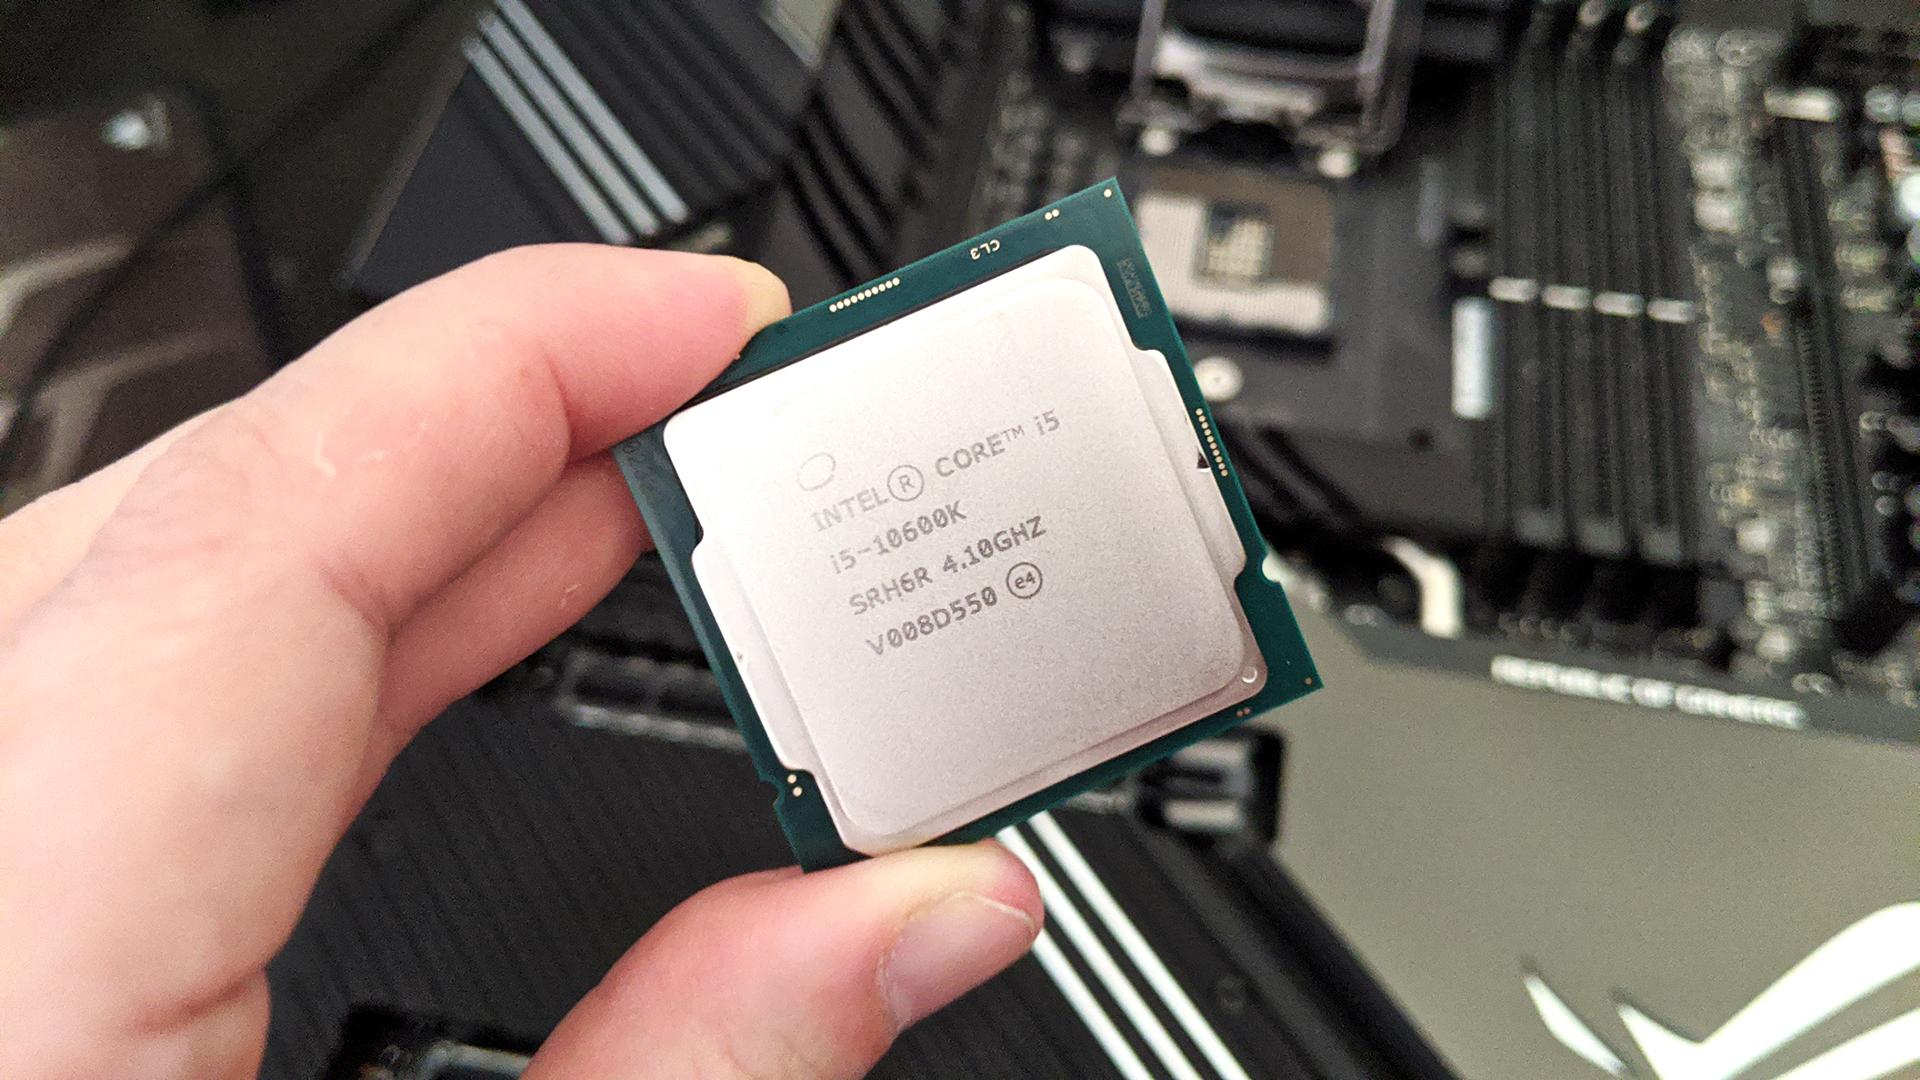 Chip Intel Core i5. Crédito:Joanna Nelius/Gizmodo